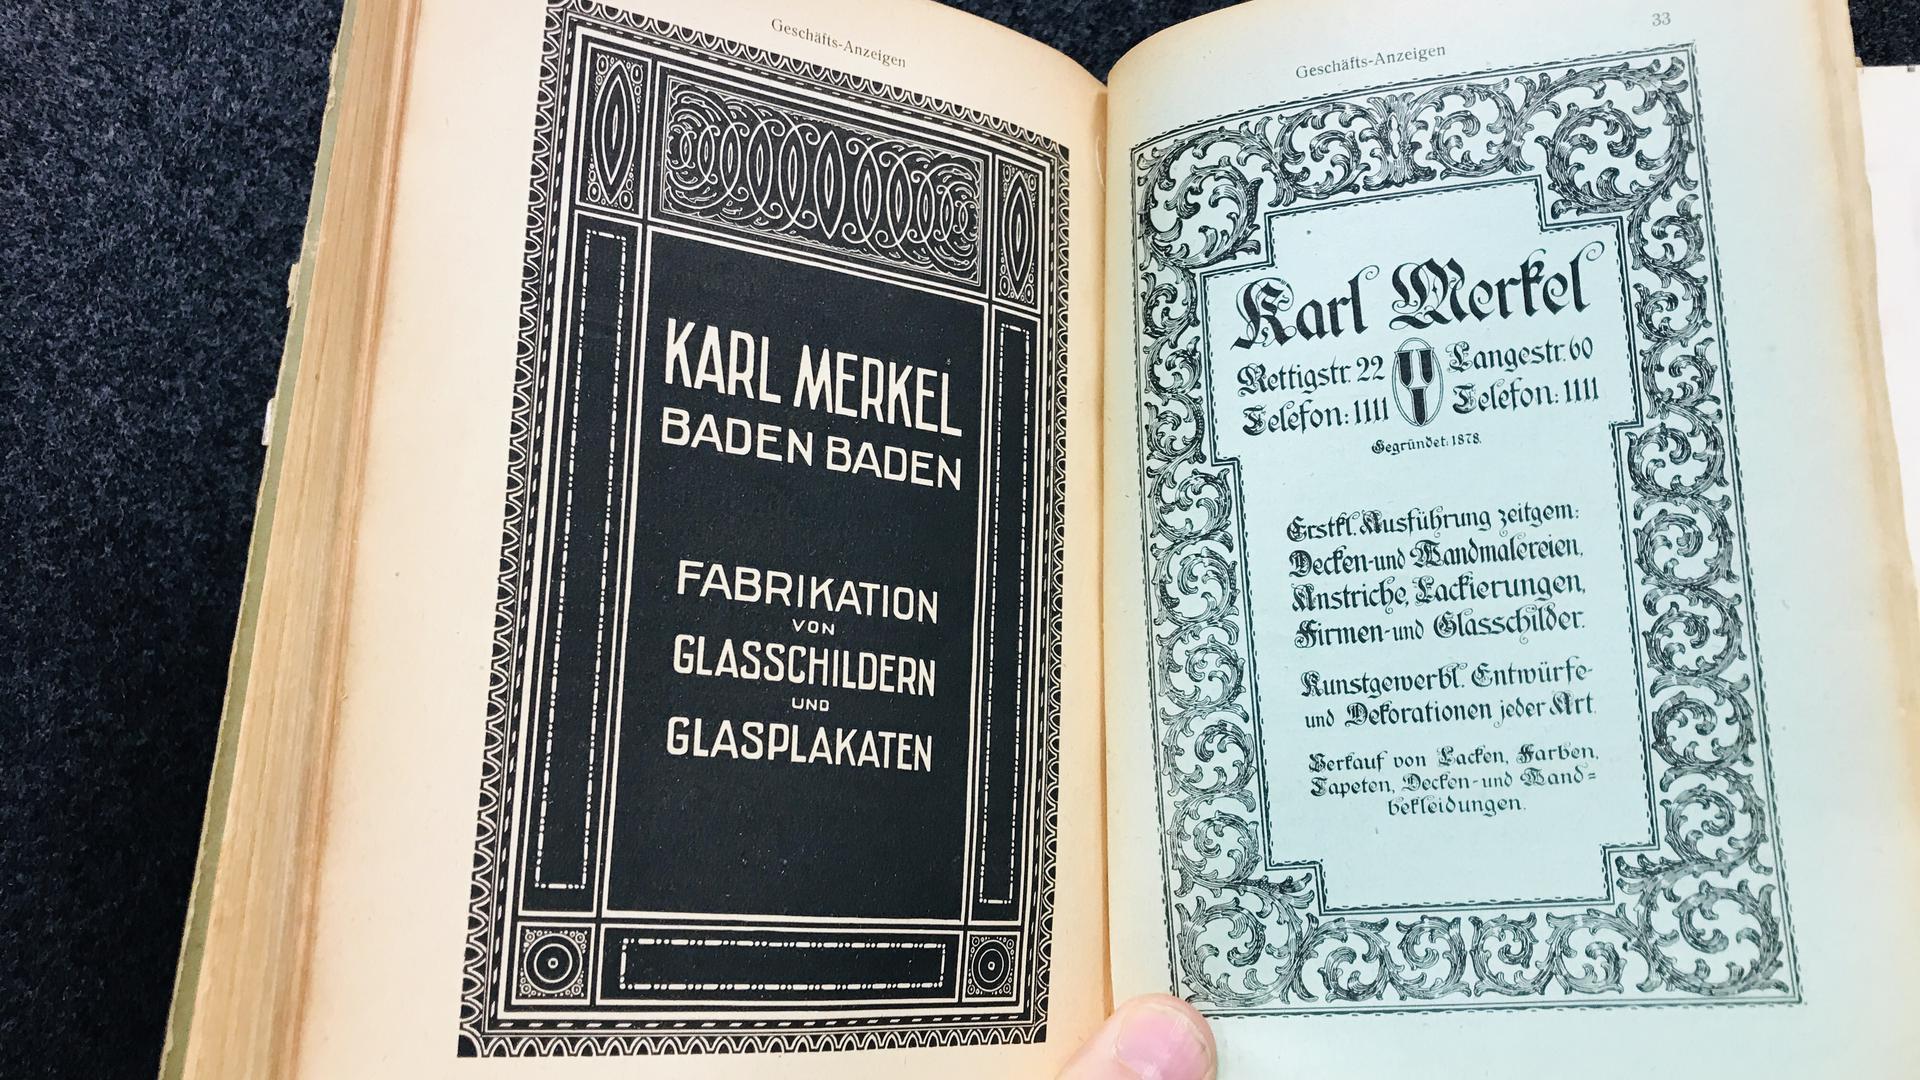 Im Adressbuch von  Baden-Baden aus dem Jahr 1920 werben ein Herstelle von Glasschildern und Glasplakaten und Experte für Decken- und Wandmalereien.